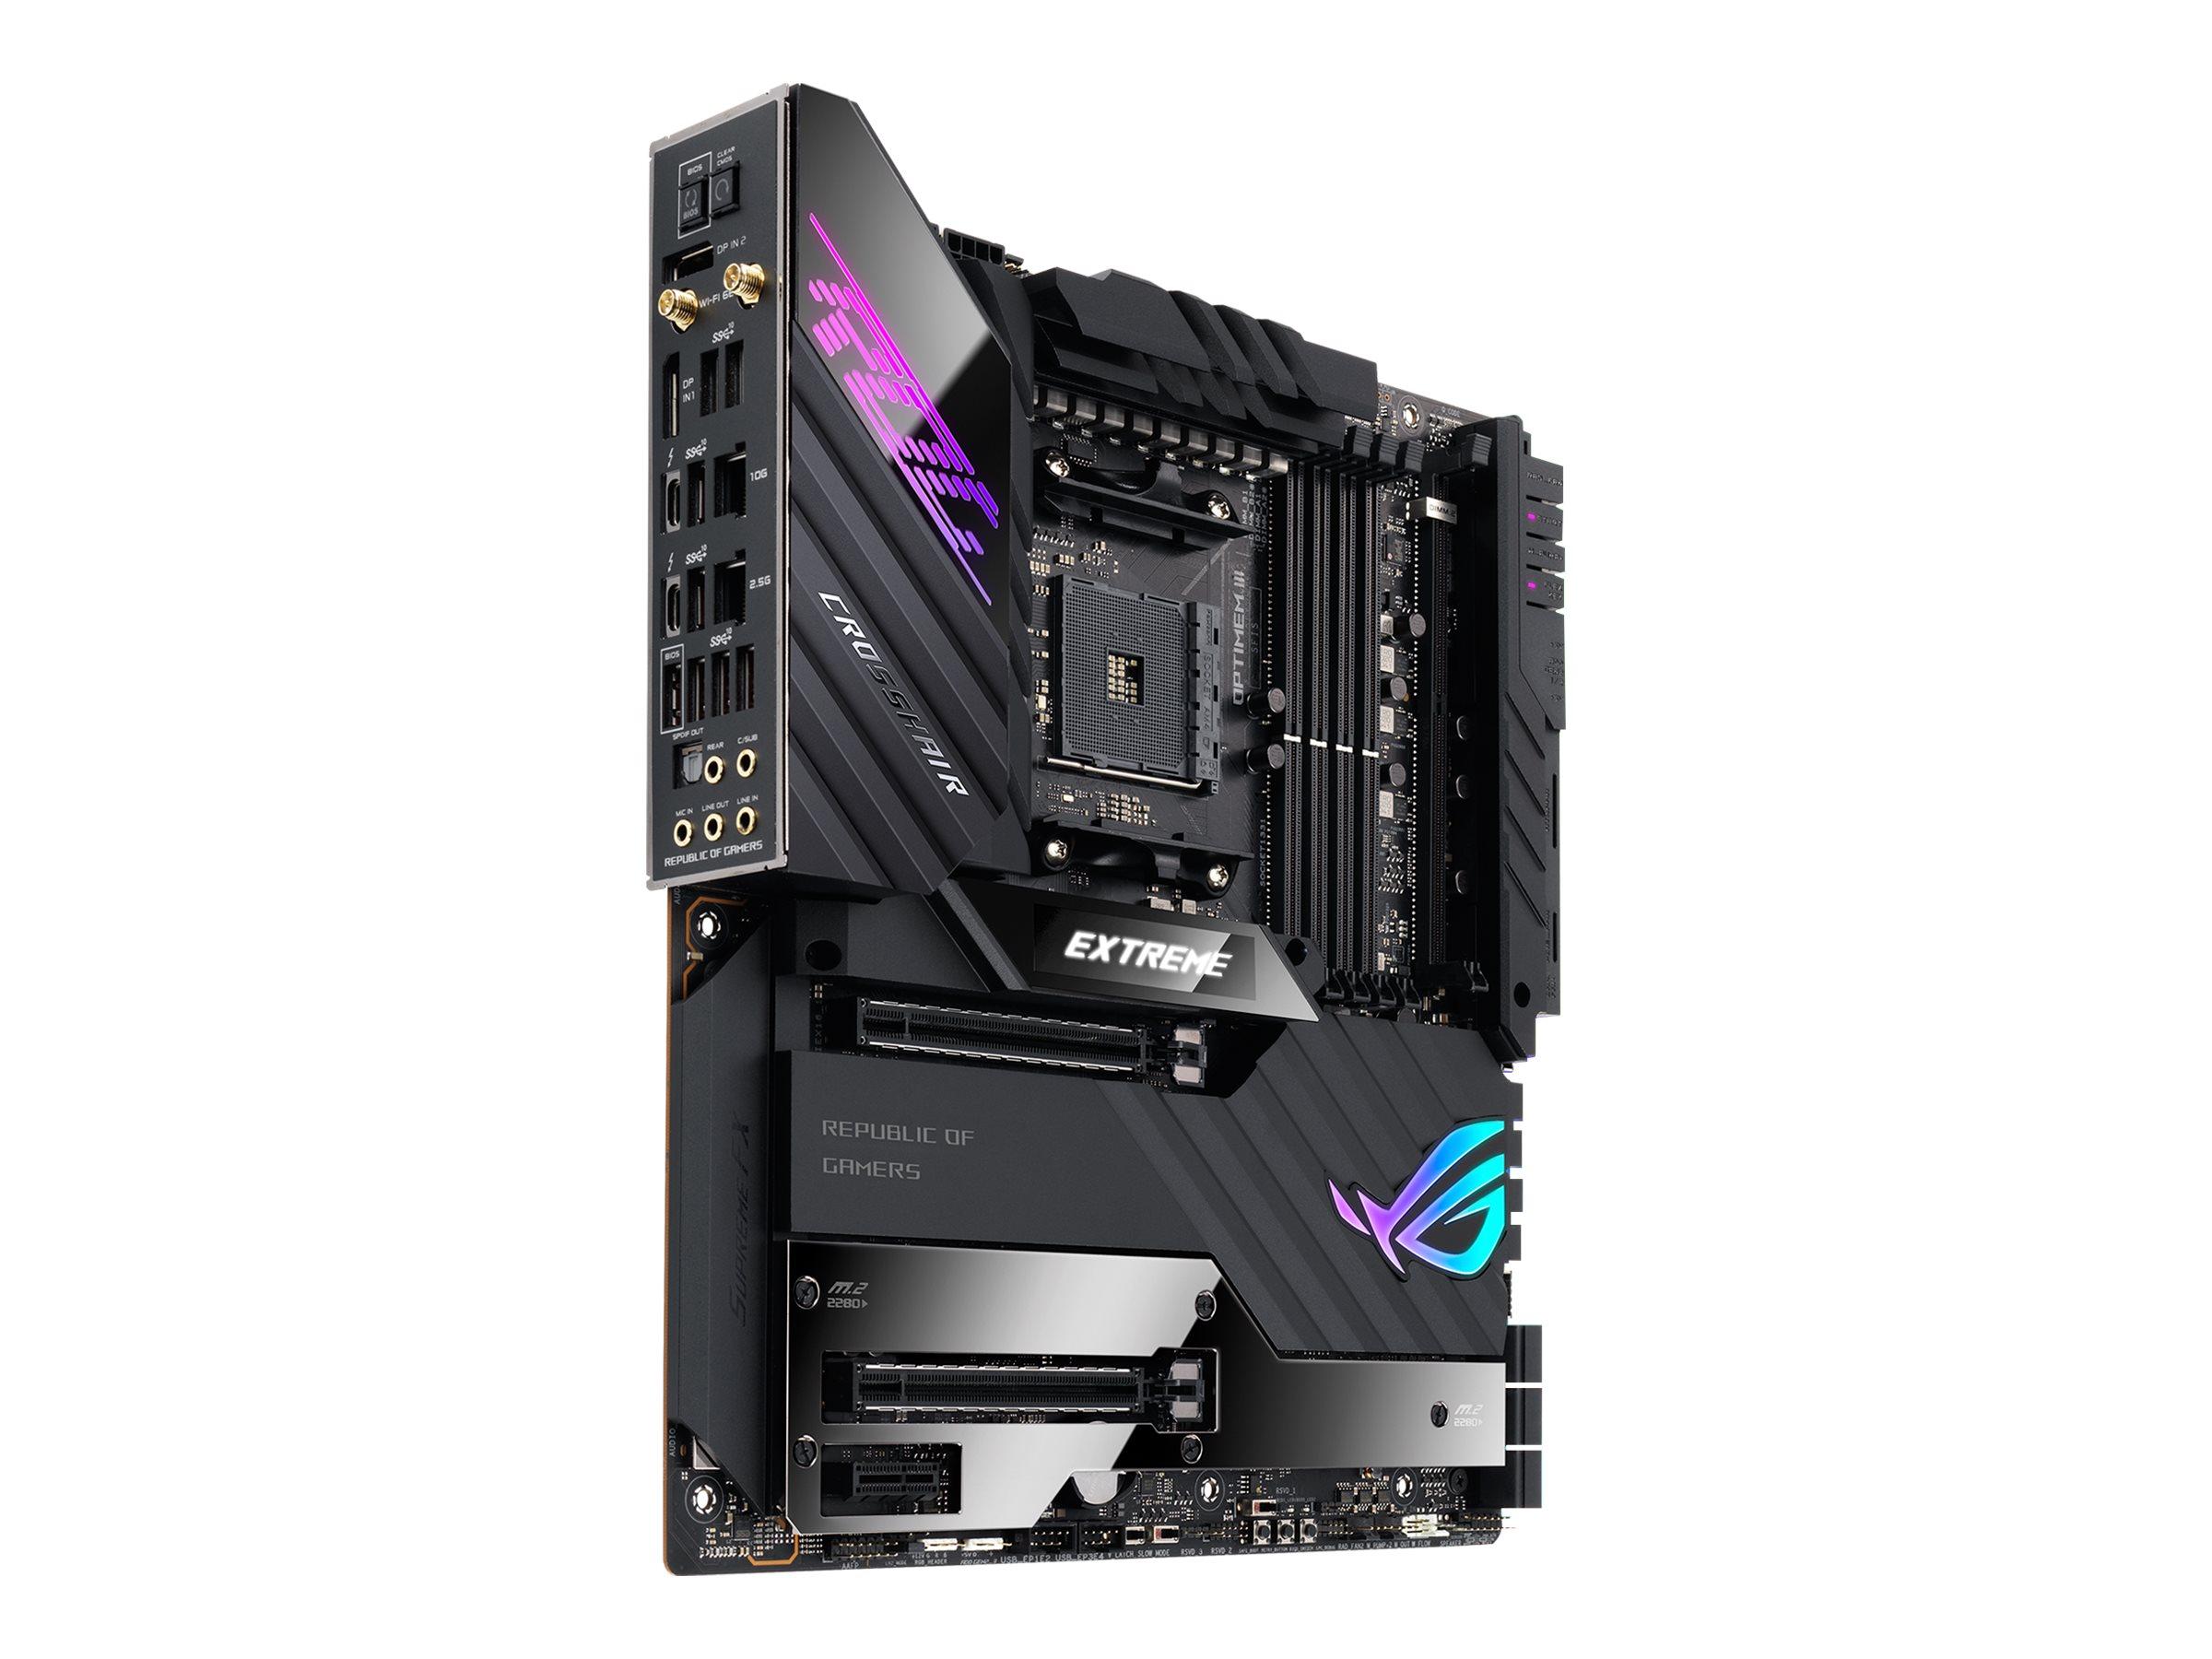 ASUS ROG CROSSHAIR VIII EXTREME - Motherboard - Erweitertes ATX - Socket AM4 - AMD X570 Chipsatz - USB-C Gen2, USB 3.2 G